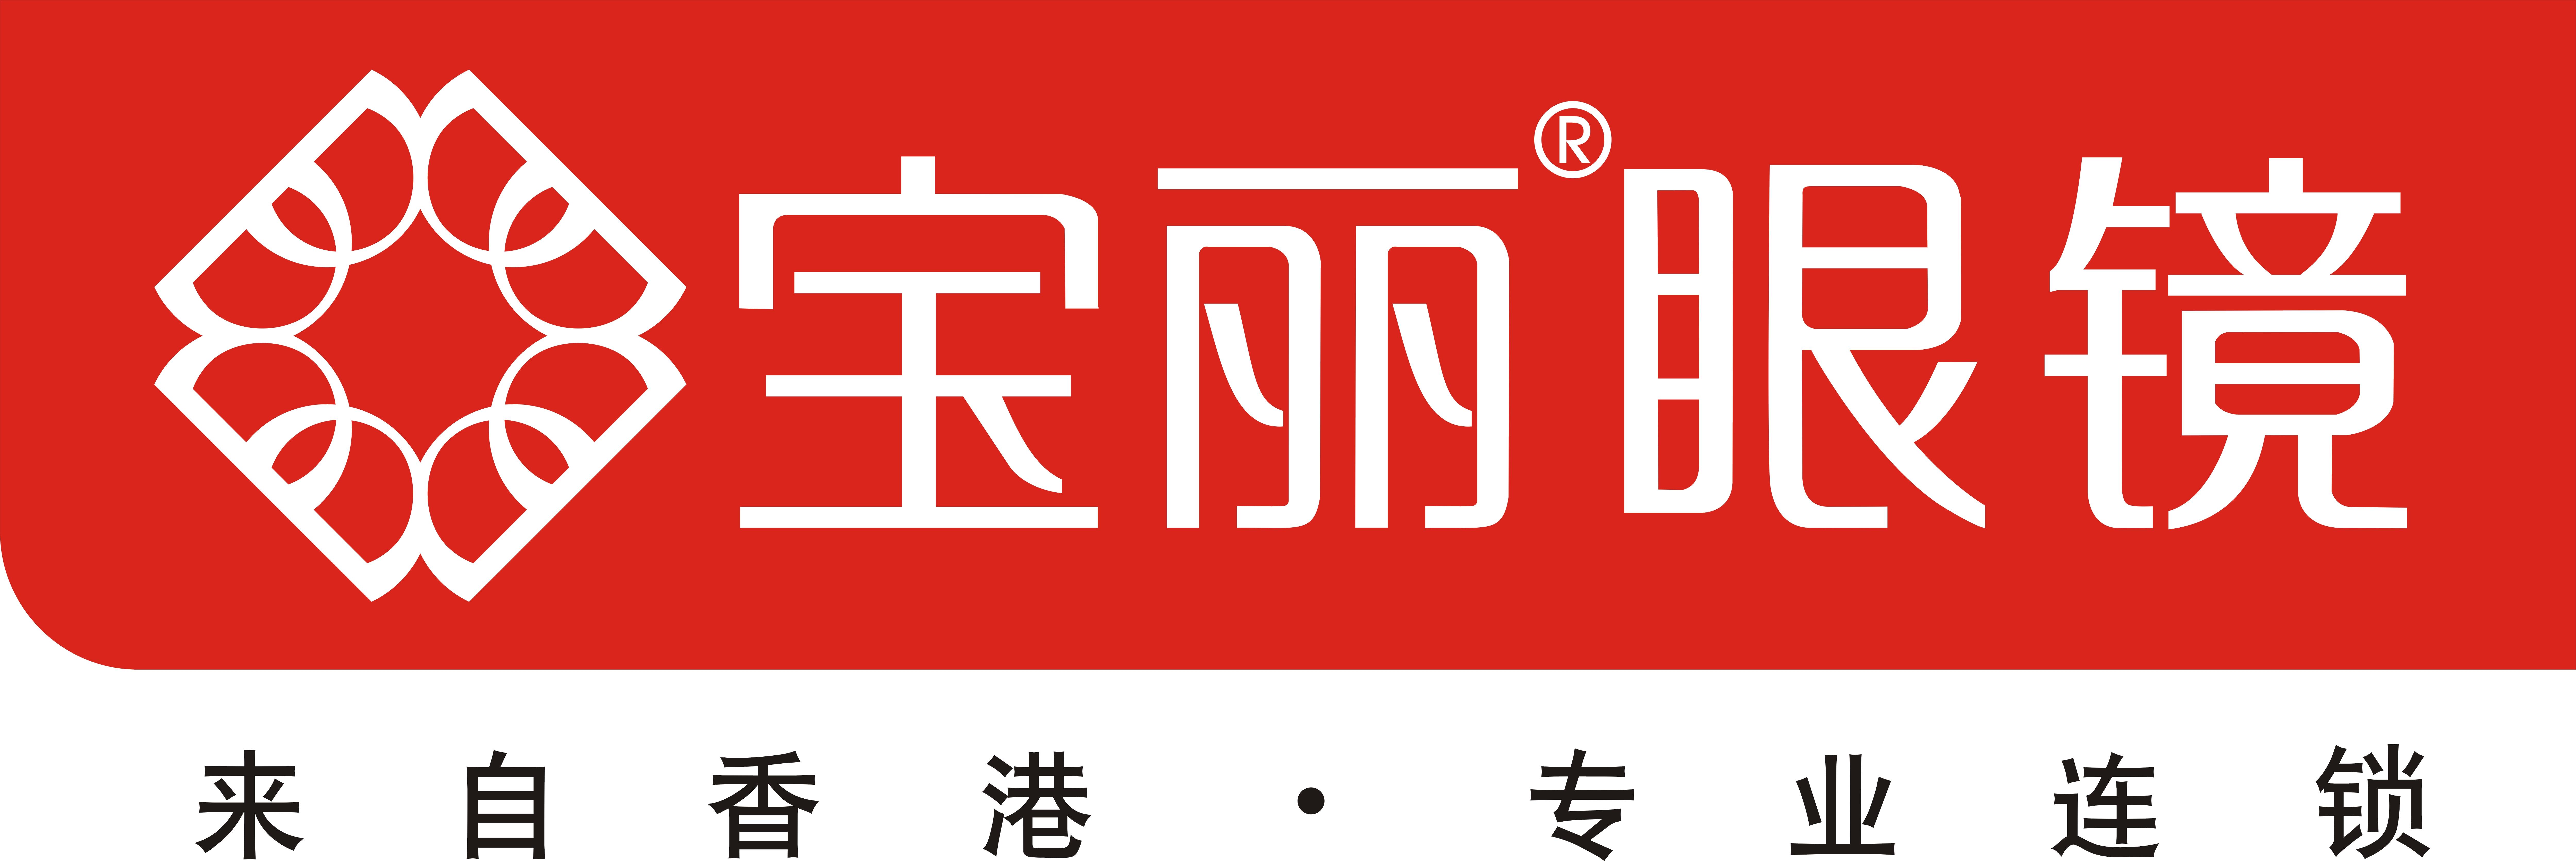 杭州宝丽眼镜有限公司